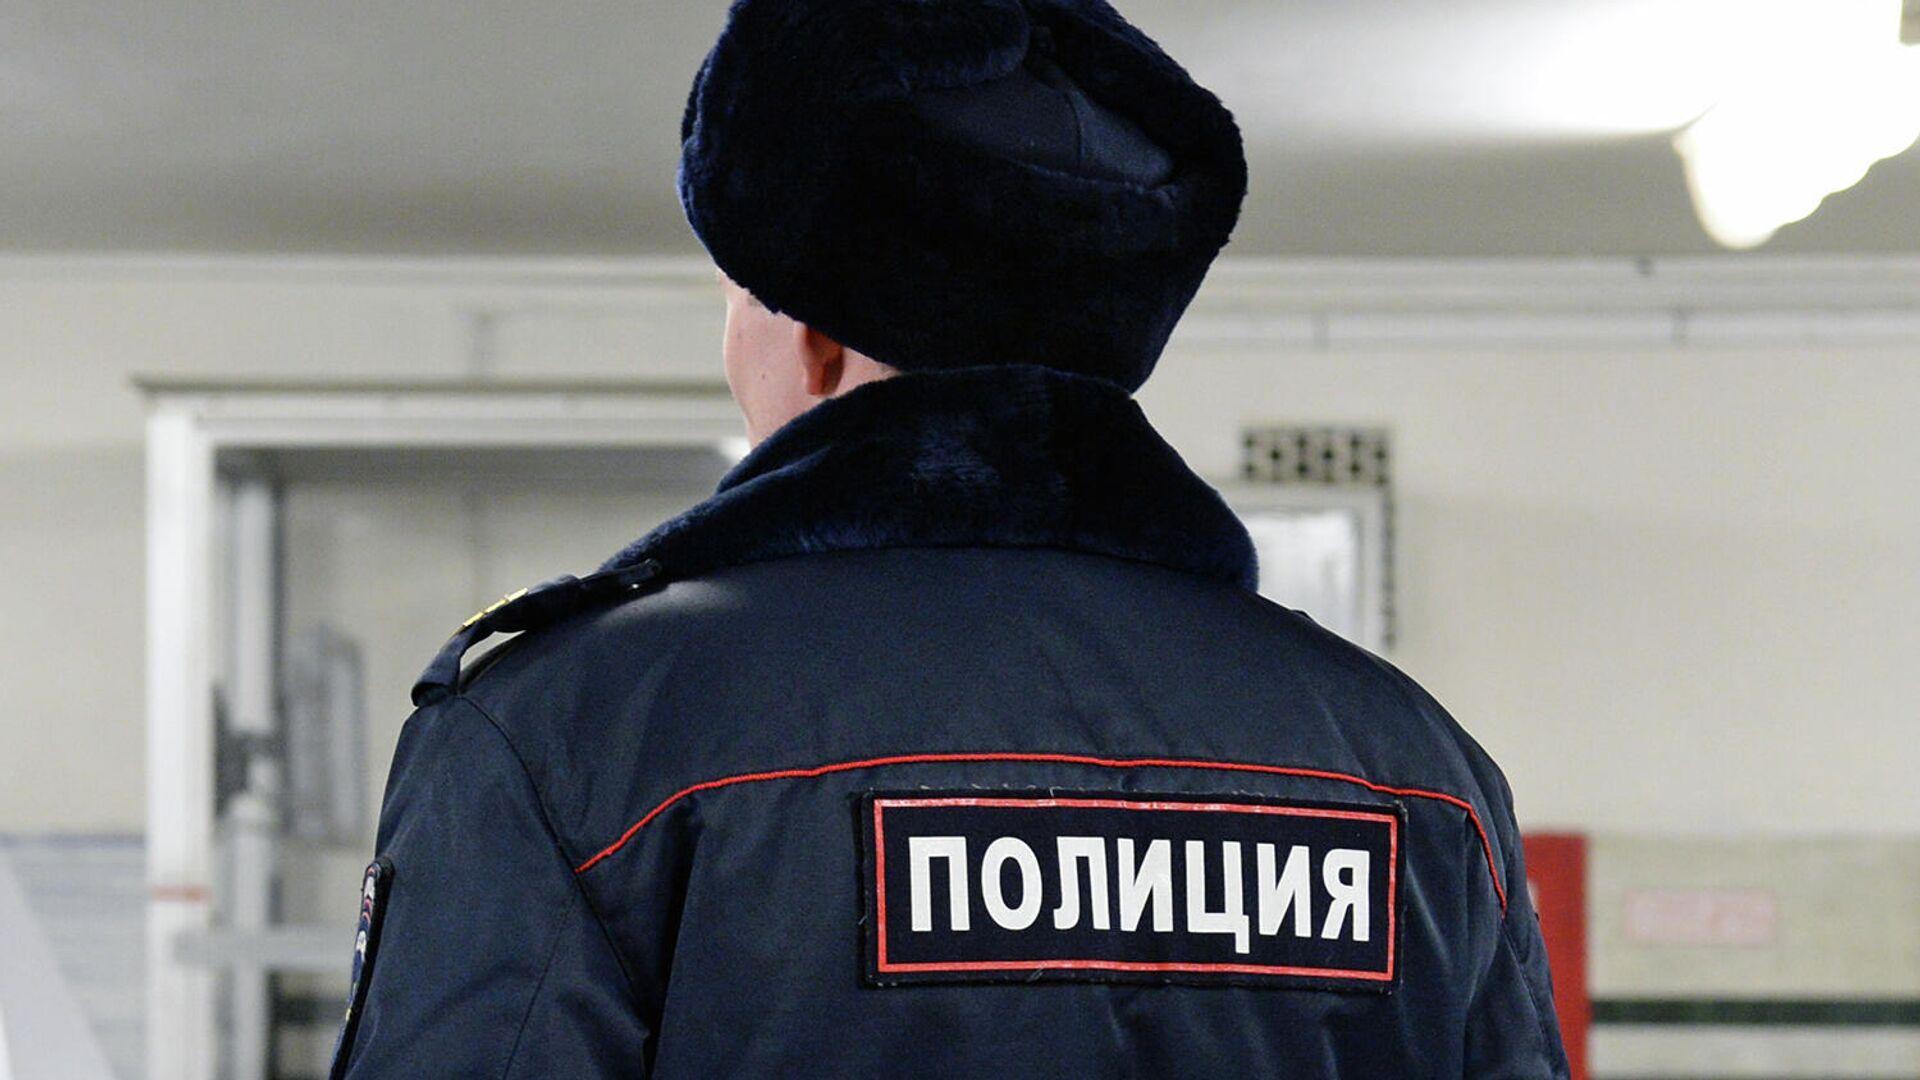 Сотрудник полиции - РИА Новости, 1920, 19.02.2021